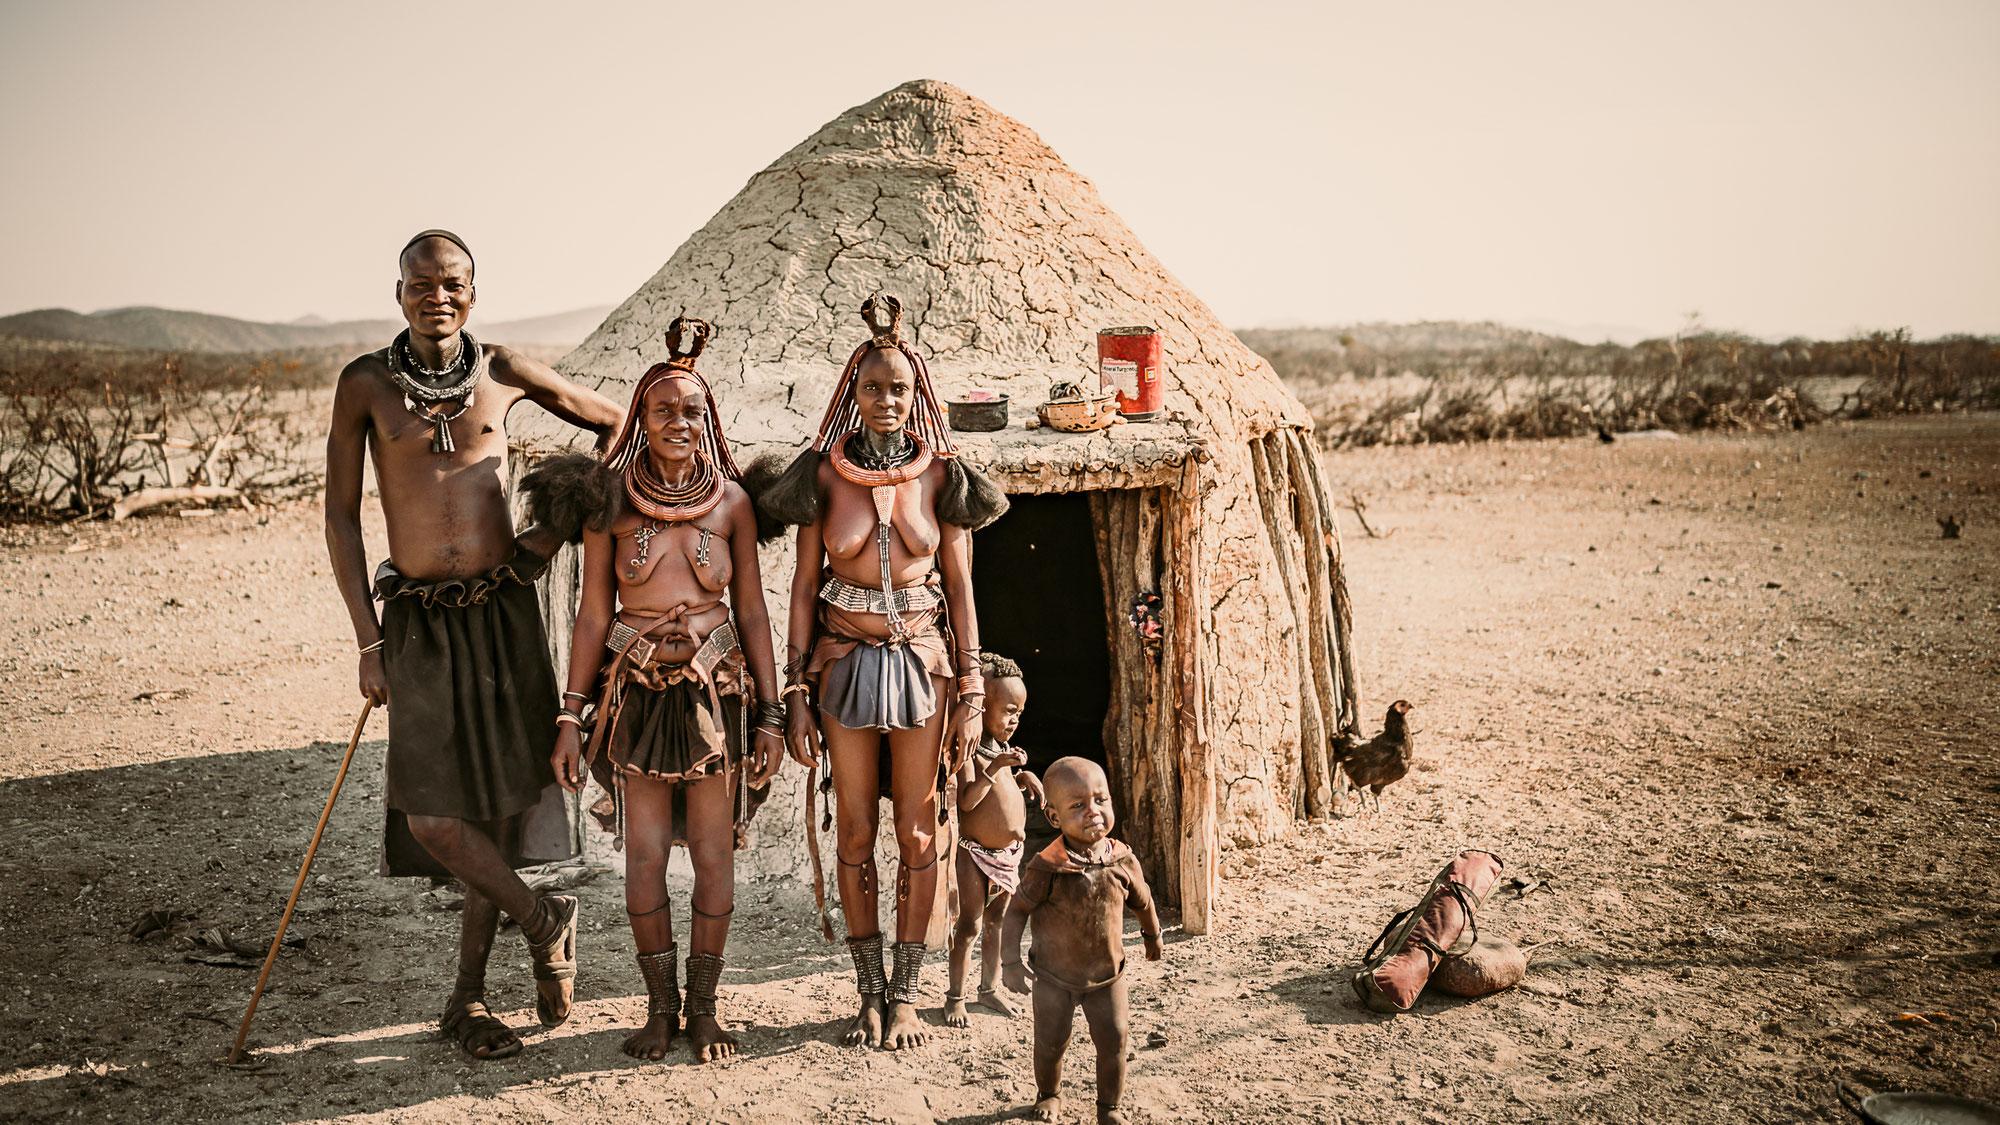 Himba portrait series